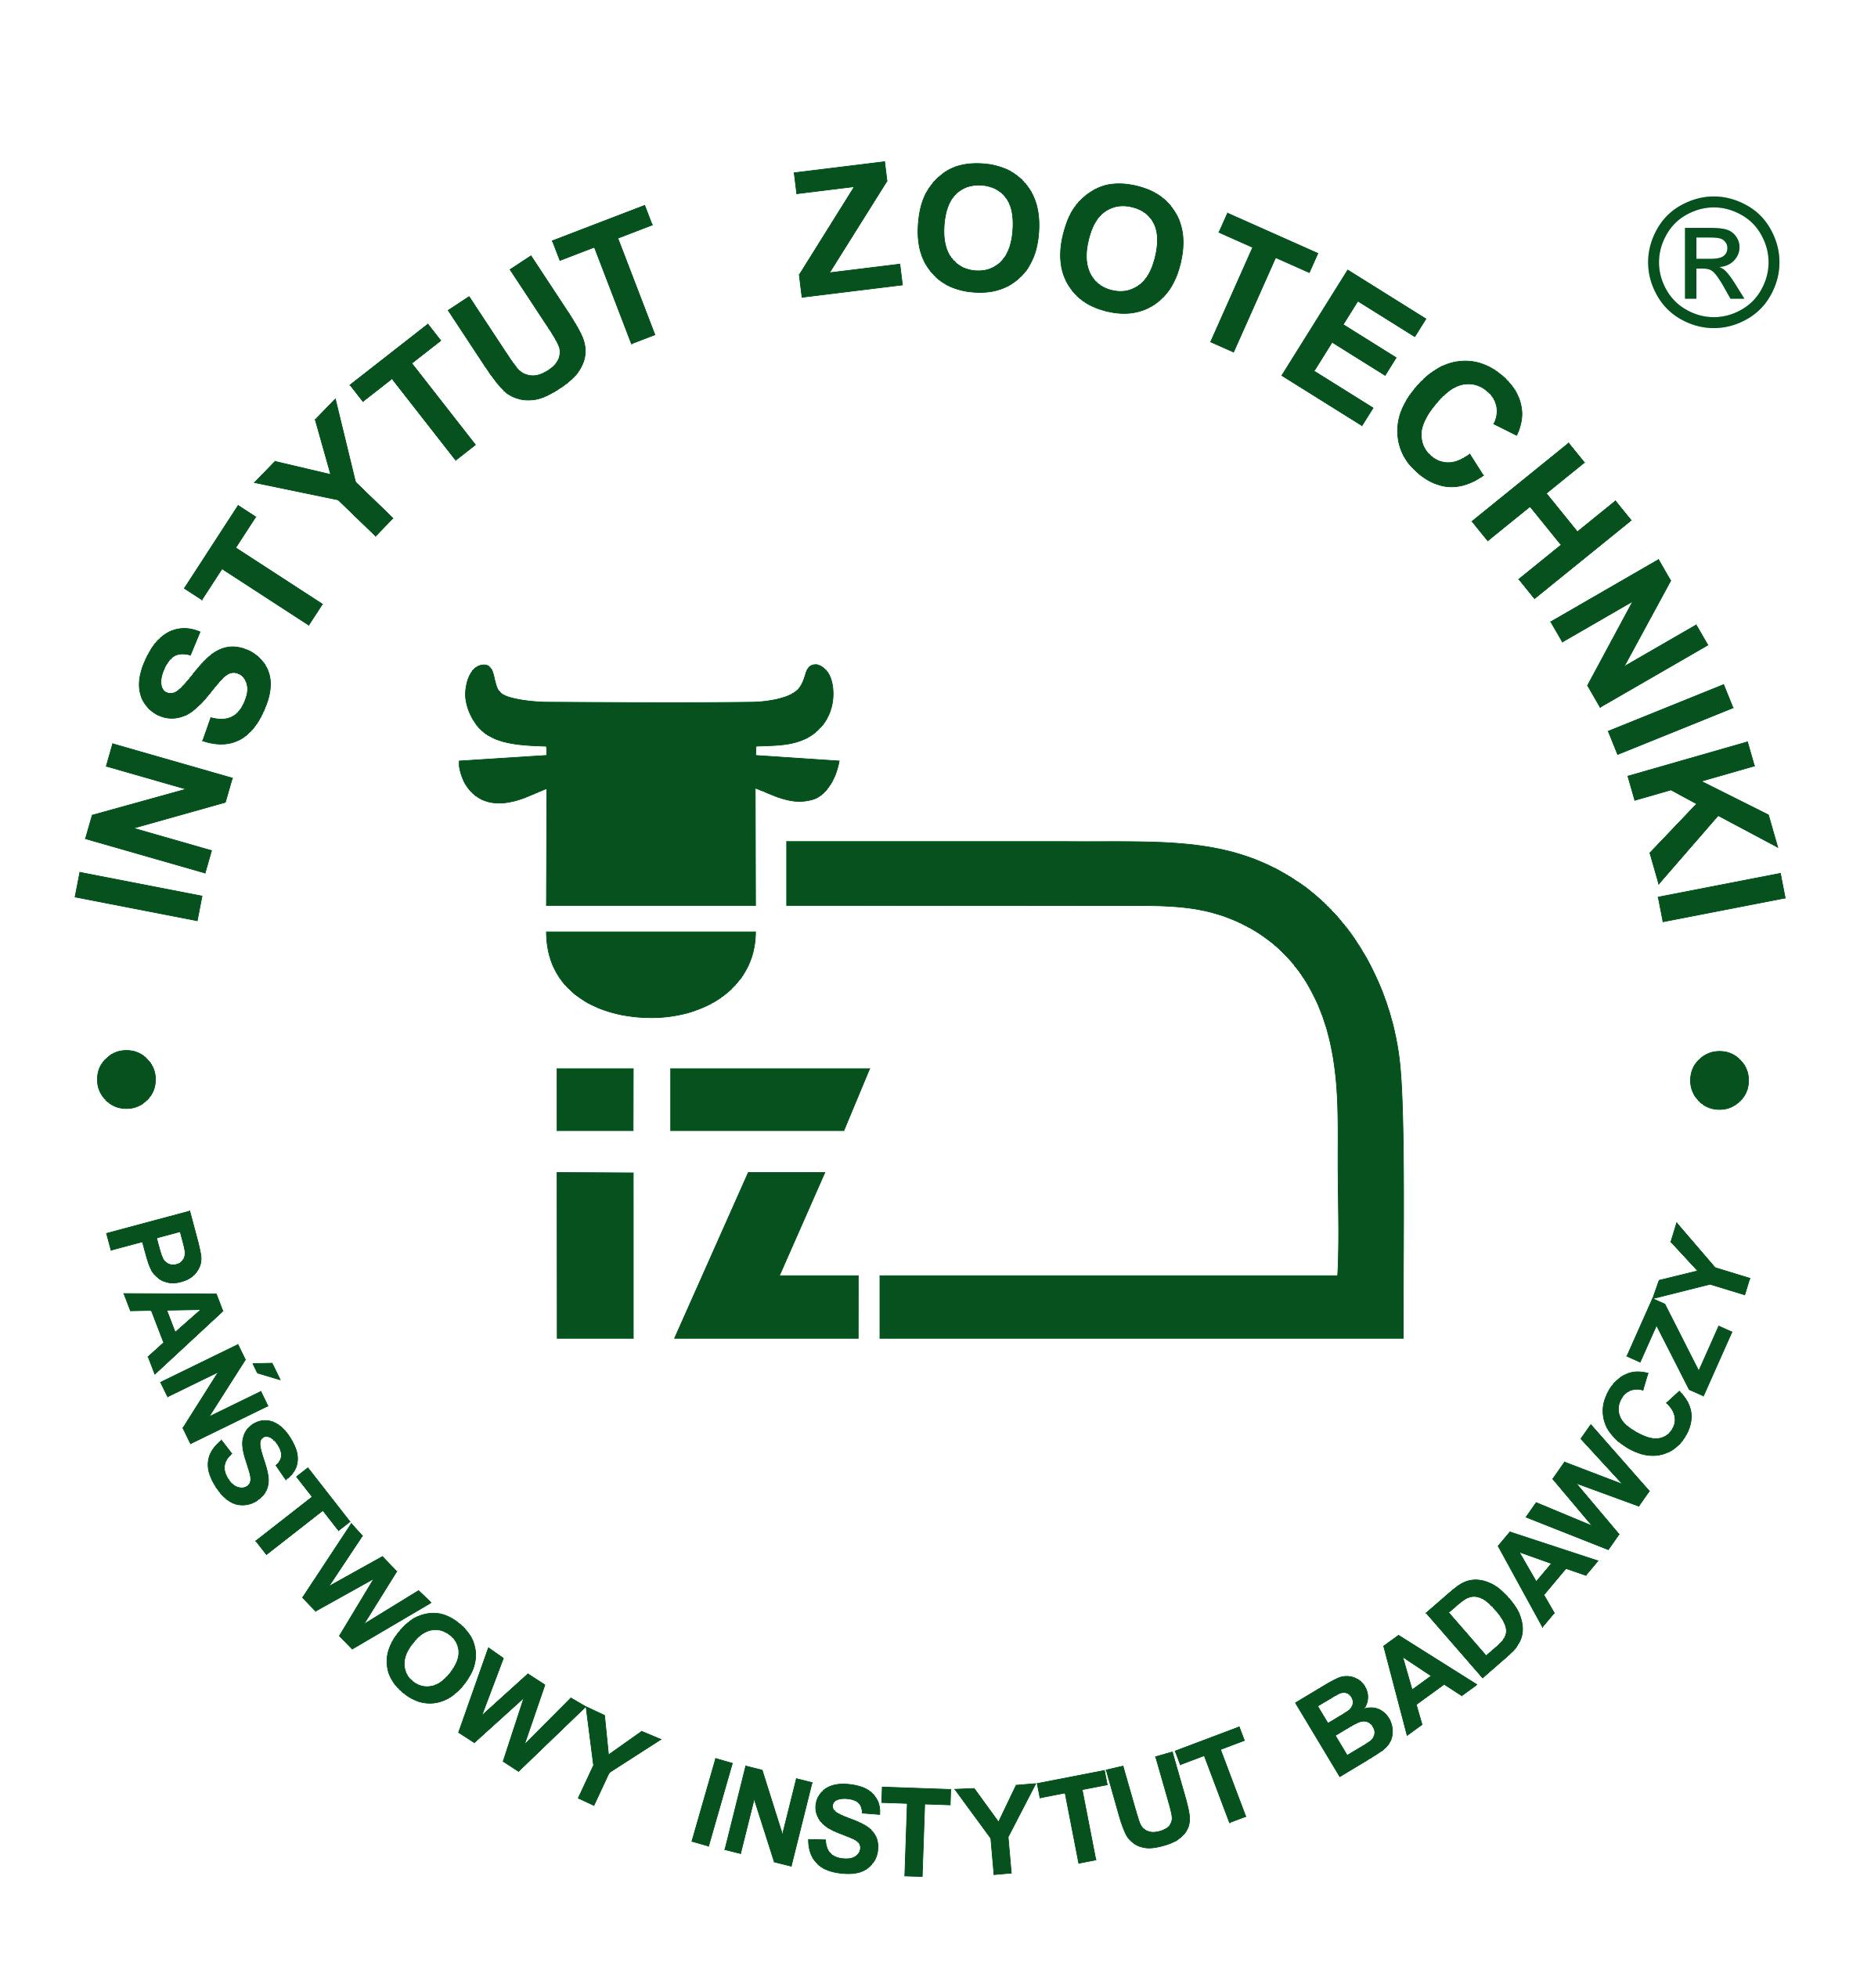 Zakład Doświadczalny Instytutu Zootechniki Kołbacz